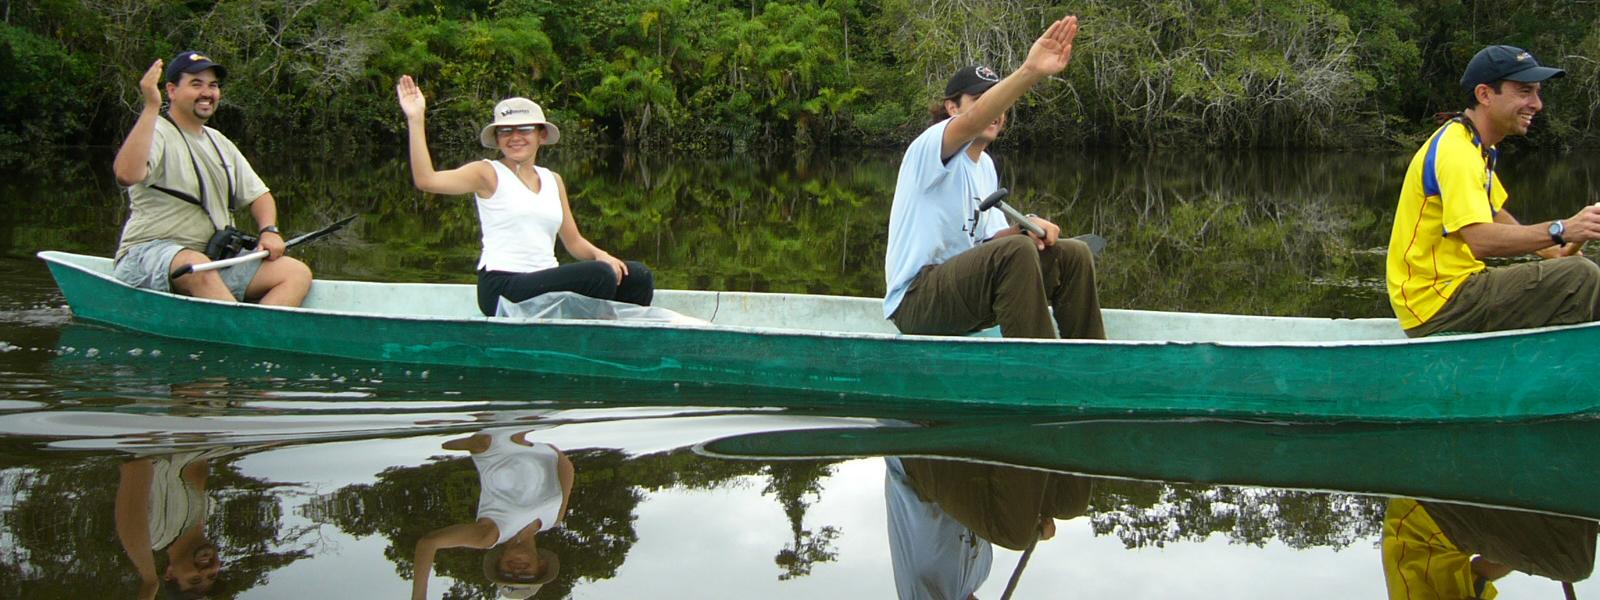 Manatee Amazon Cruise day 2